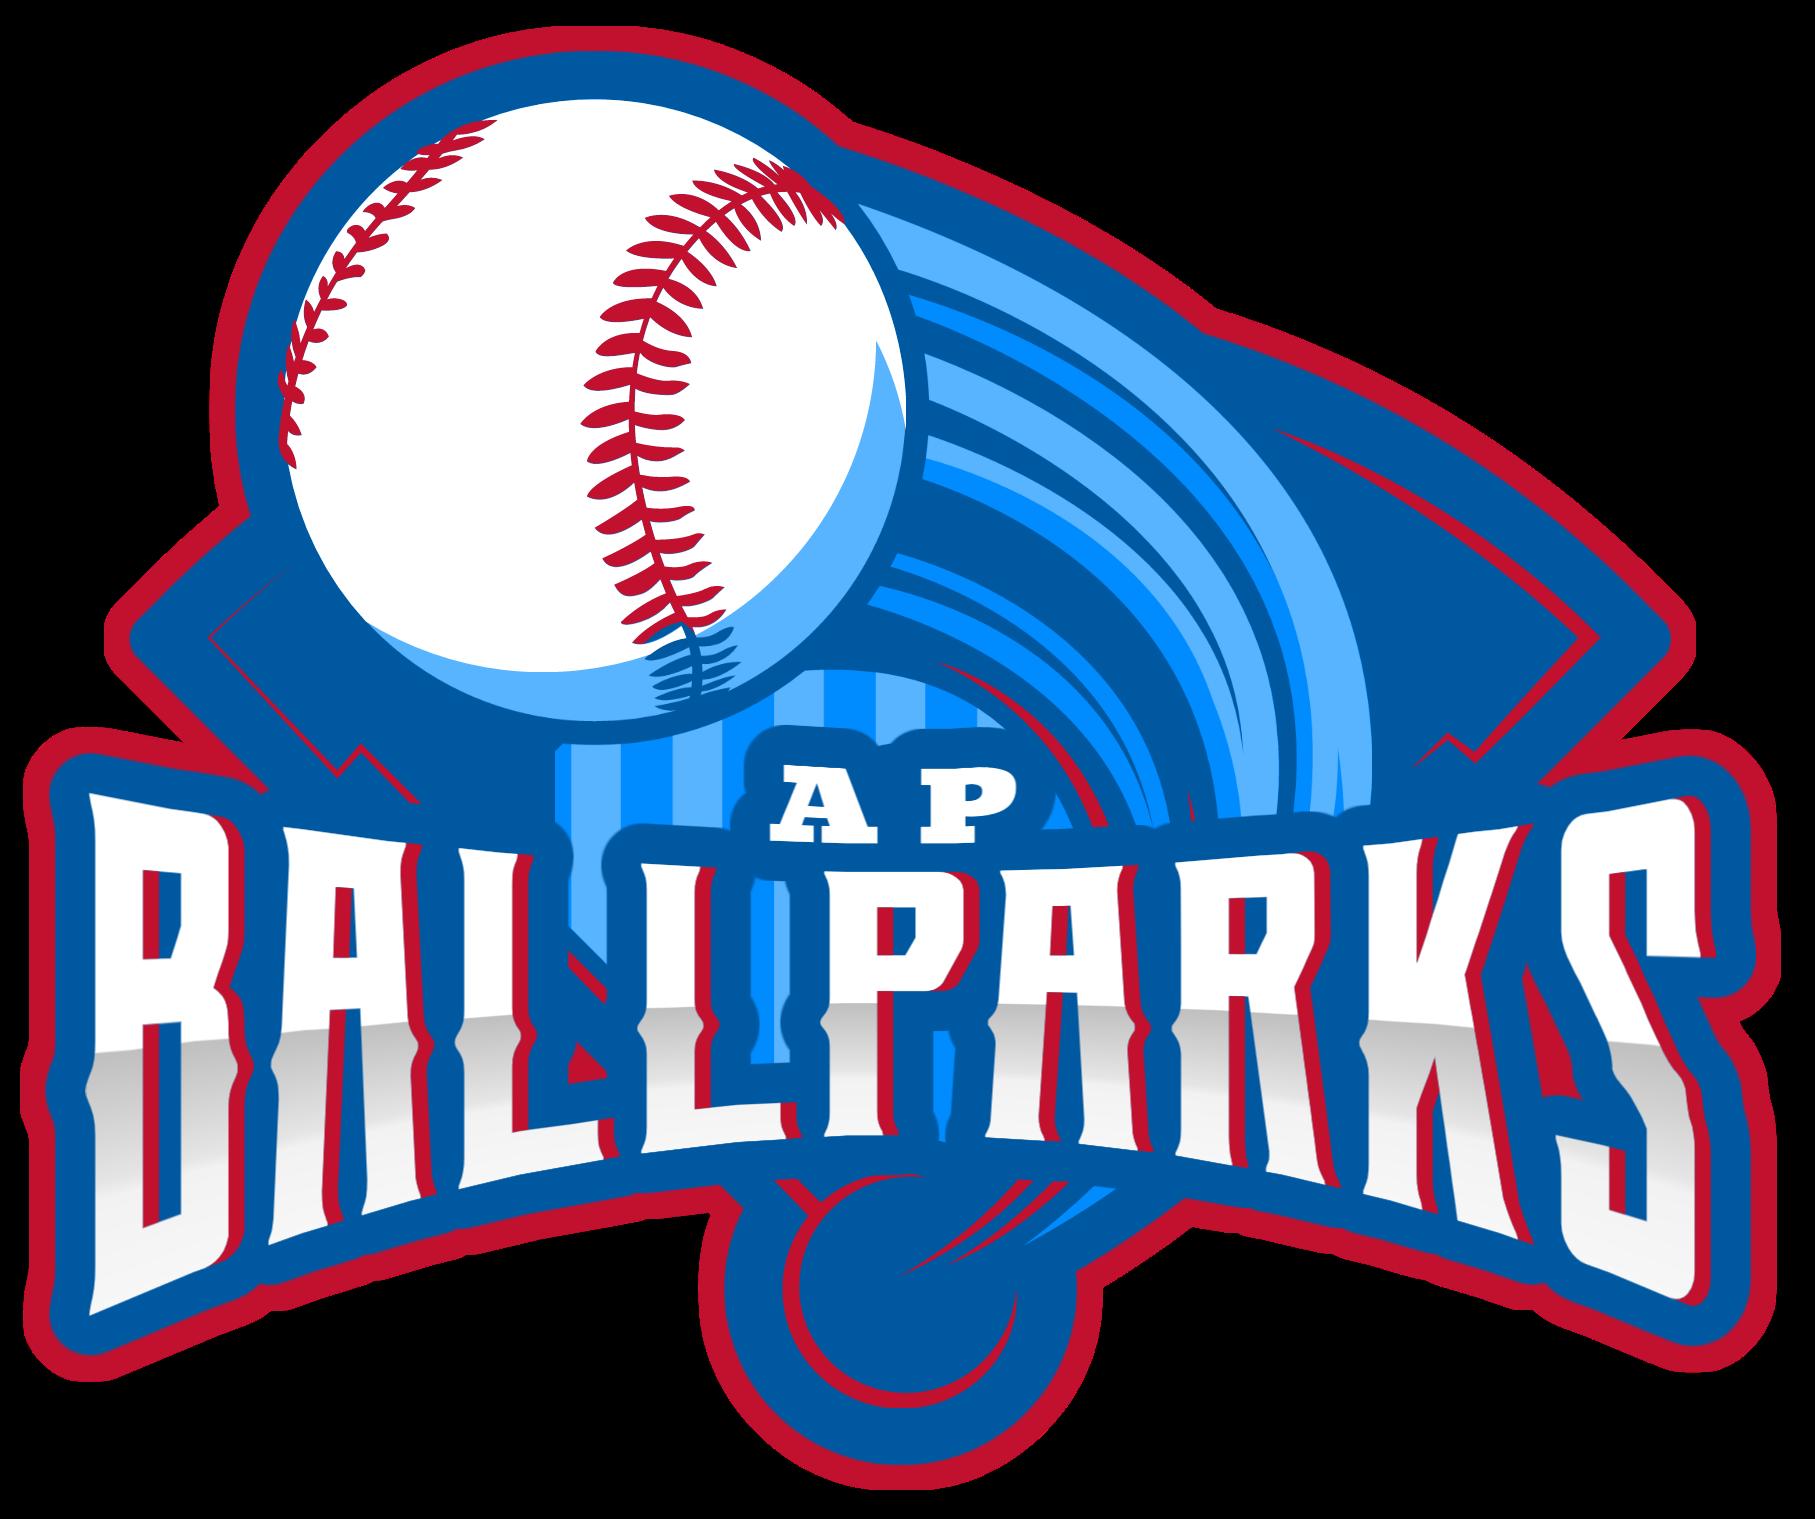 AP Ballparks